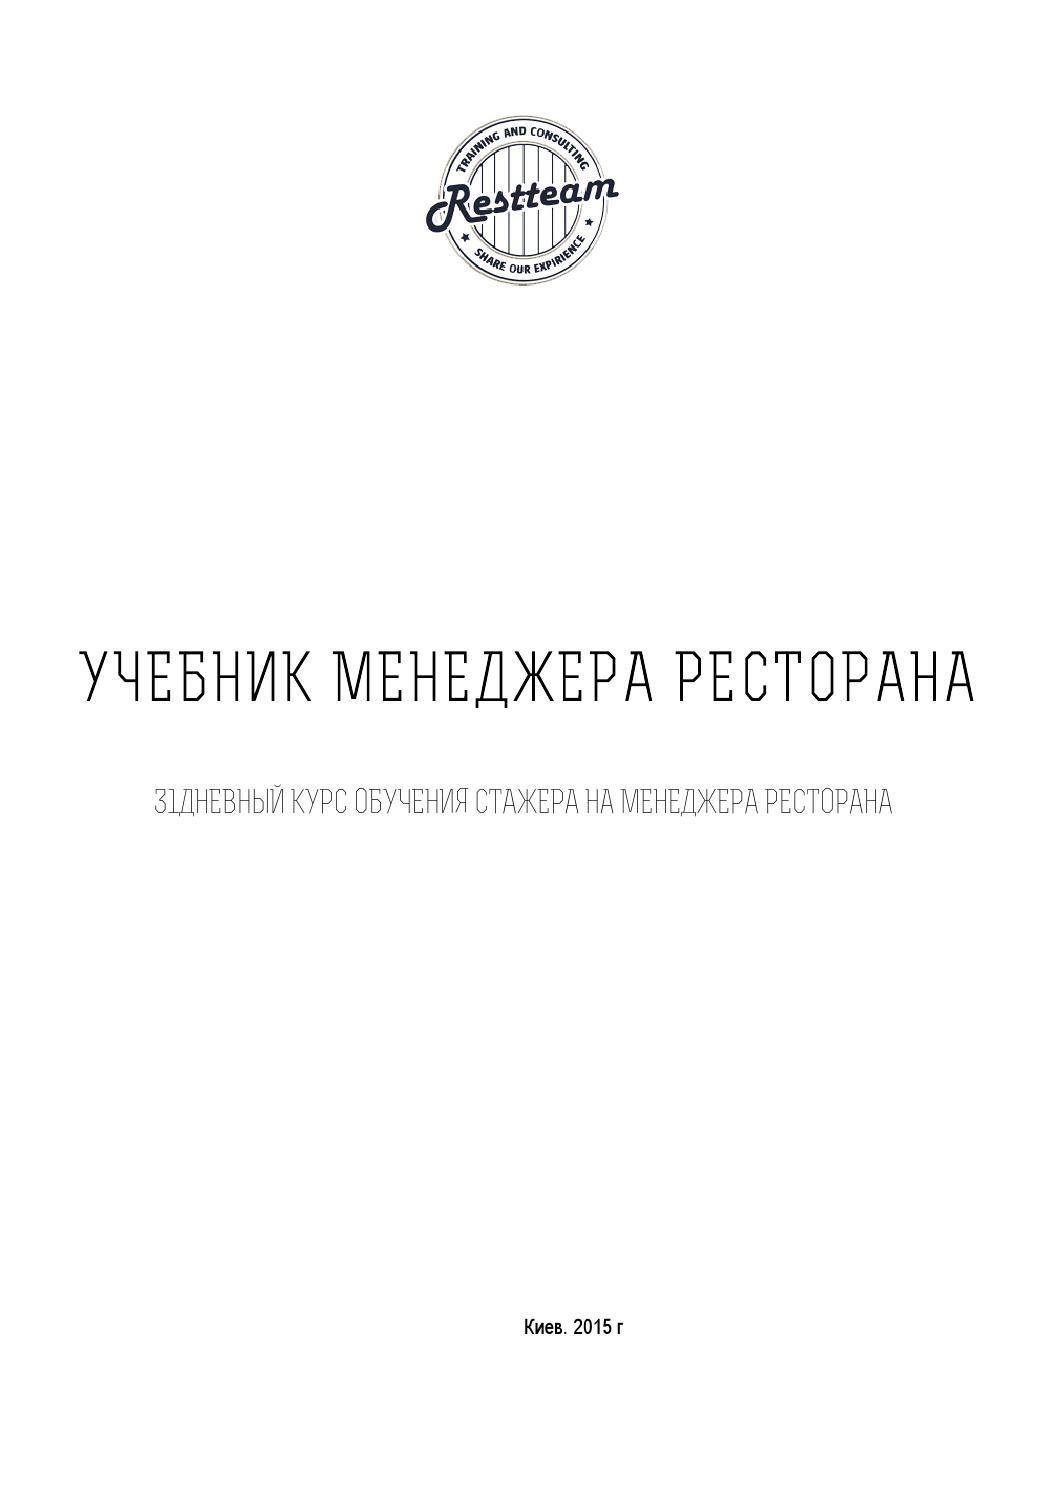 Общепит: права и обязанности ресторатора